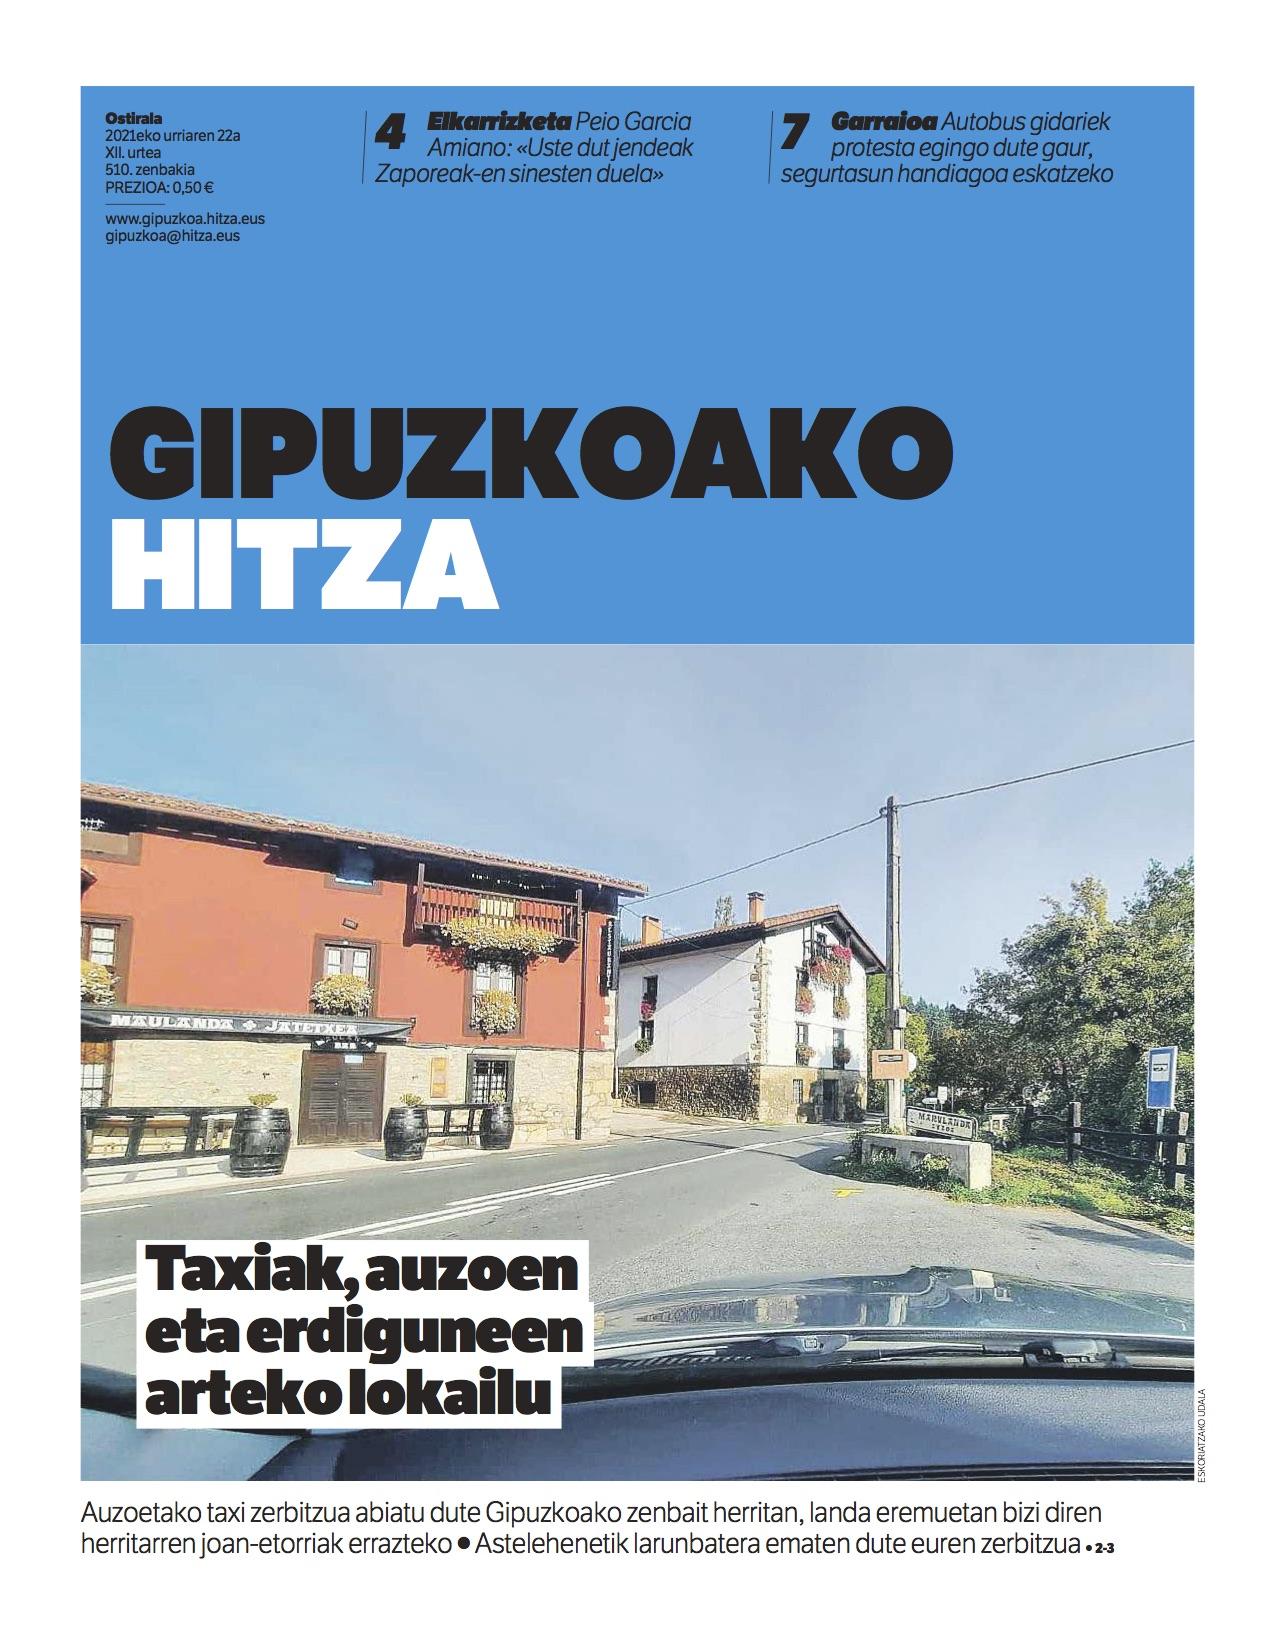 2021-10-22_GIPUZKOA_HITZA_02b2f768eb4e6a61